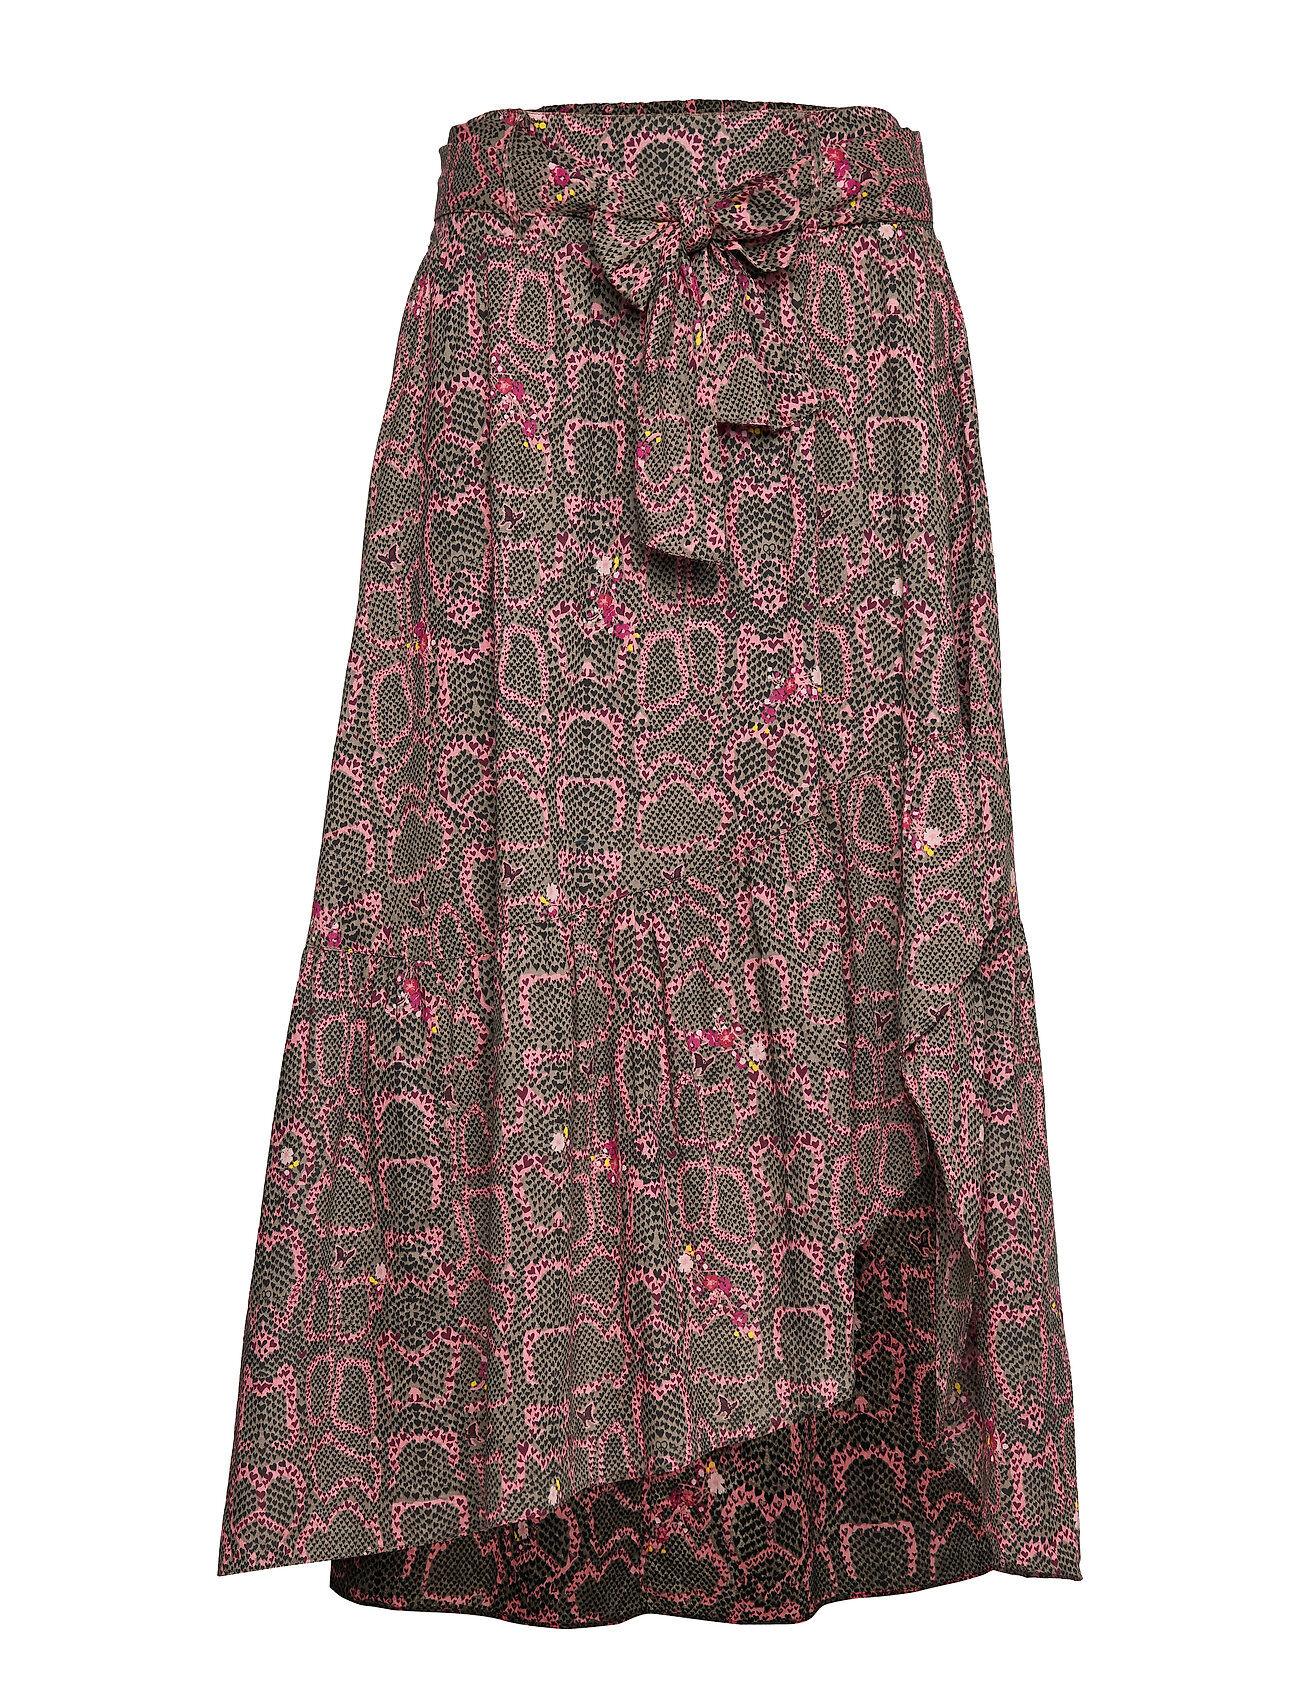 Image of ODD MOLLY For The Love Of Lust Skirt Polvipituinen Hame Monivärinen/Kuvioitu ODD MOLLY